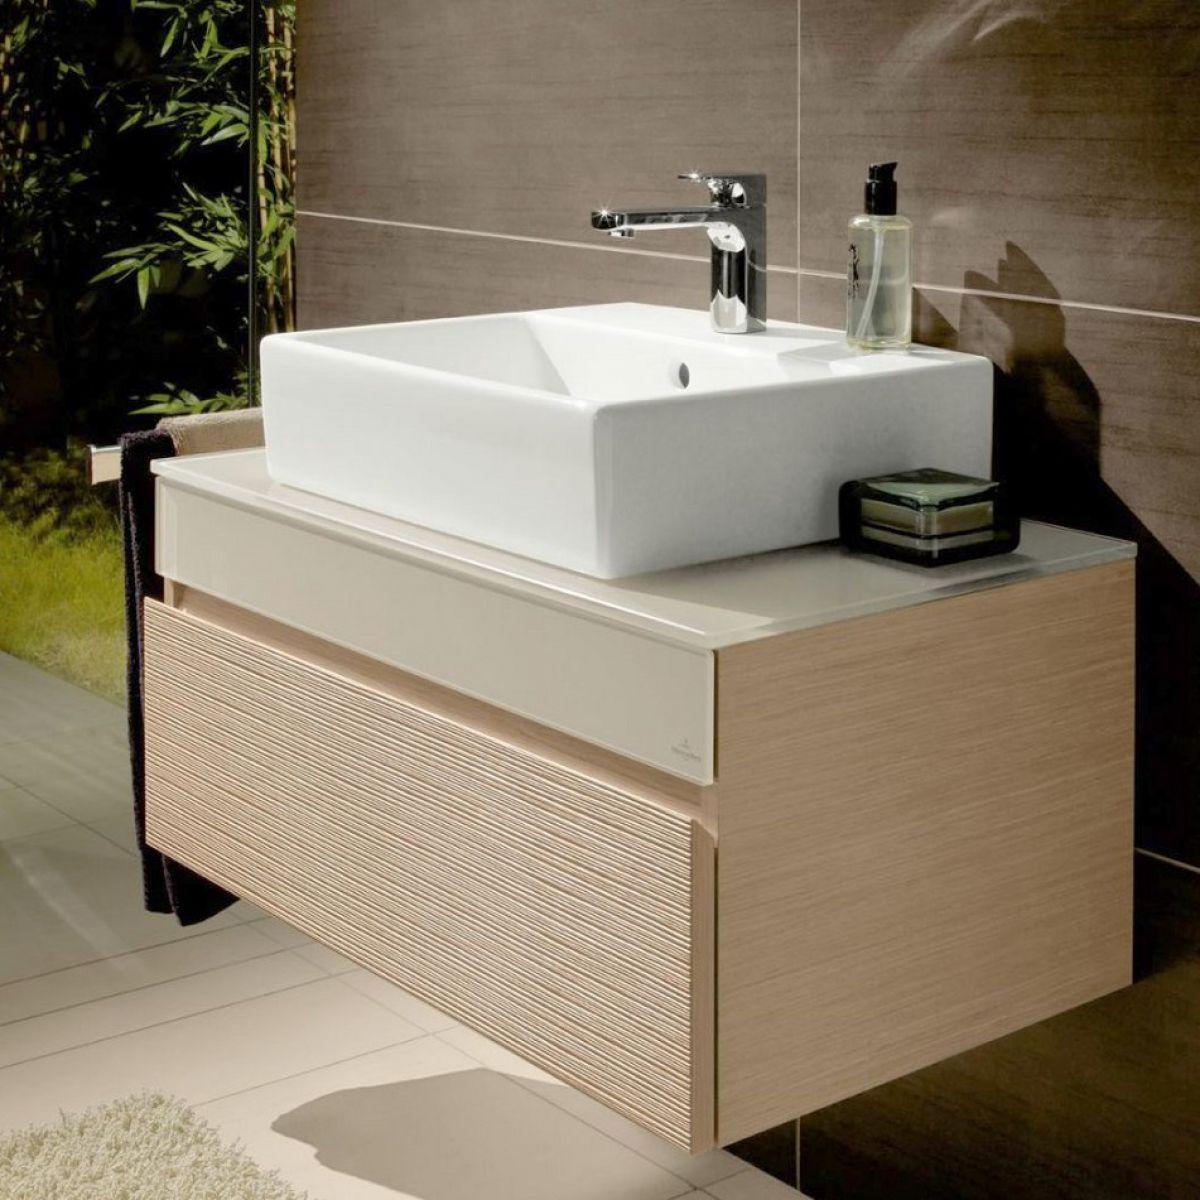 v b memento vanity unit uk bathrooms. Black Bedroom Furniture Sets. Home Design Ideas